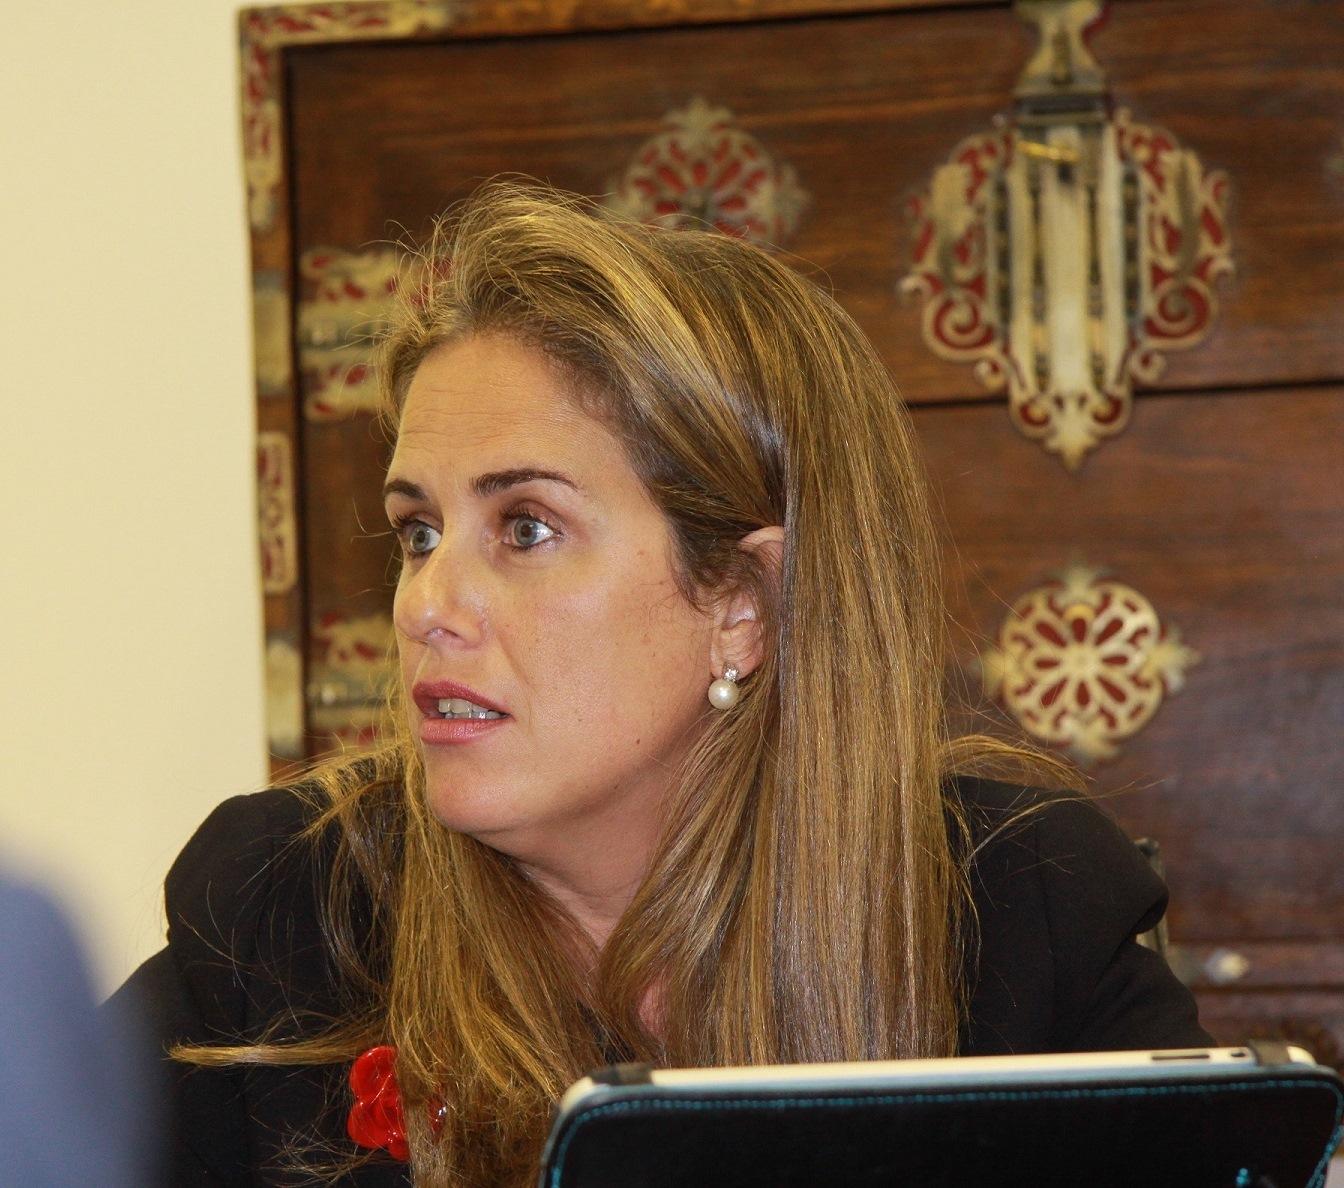 Ines Landin